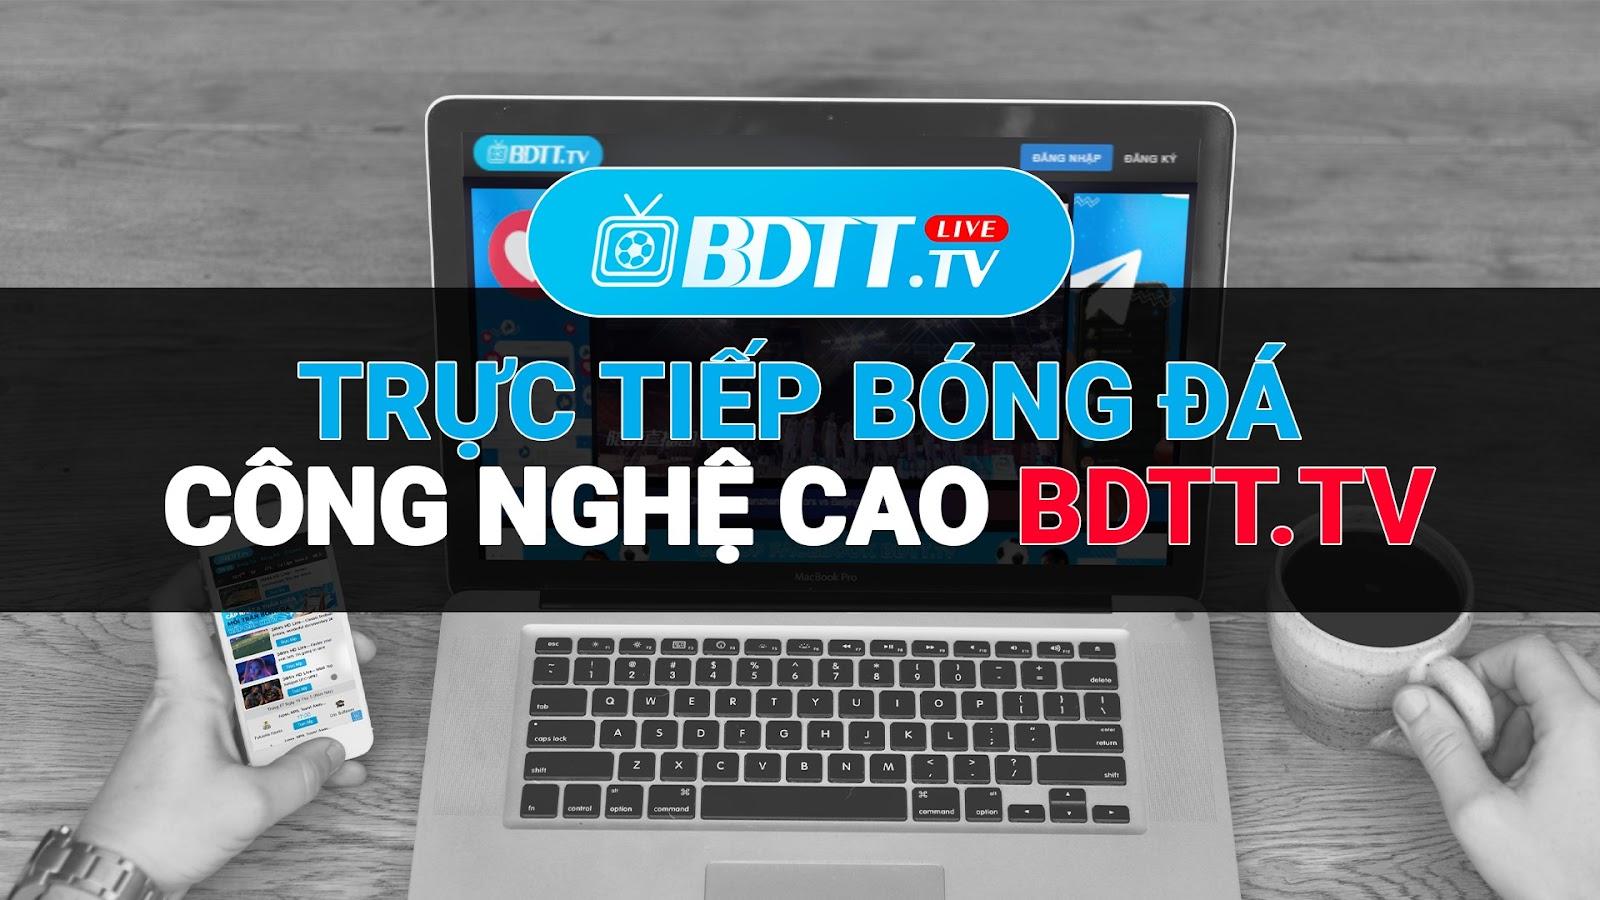 BDTT.tv là kênh ttbd có nguồn link trực tiếp uy tín nhất, nên chất lượng khi trực tiếp giúp bạn không gặp các vấn đề như không lag, không chậm, không đơ, không đứng hình, không chứa quảng cáo gây mất hứng người xem như những trang web khác.